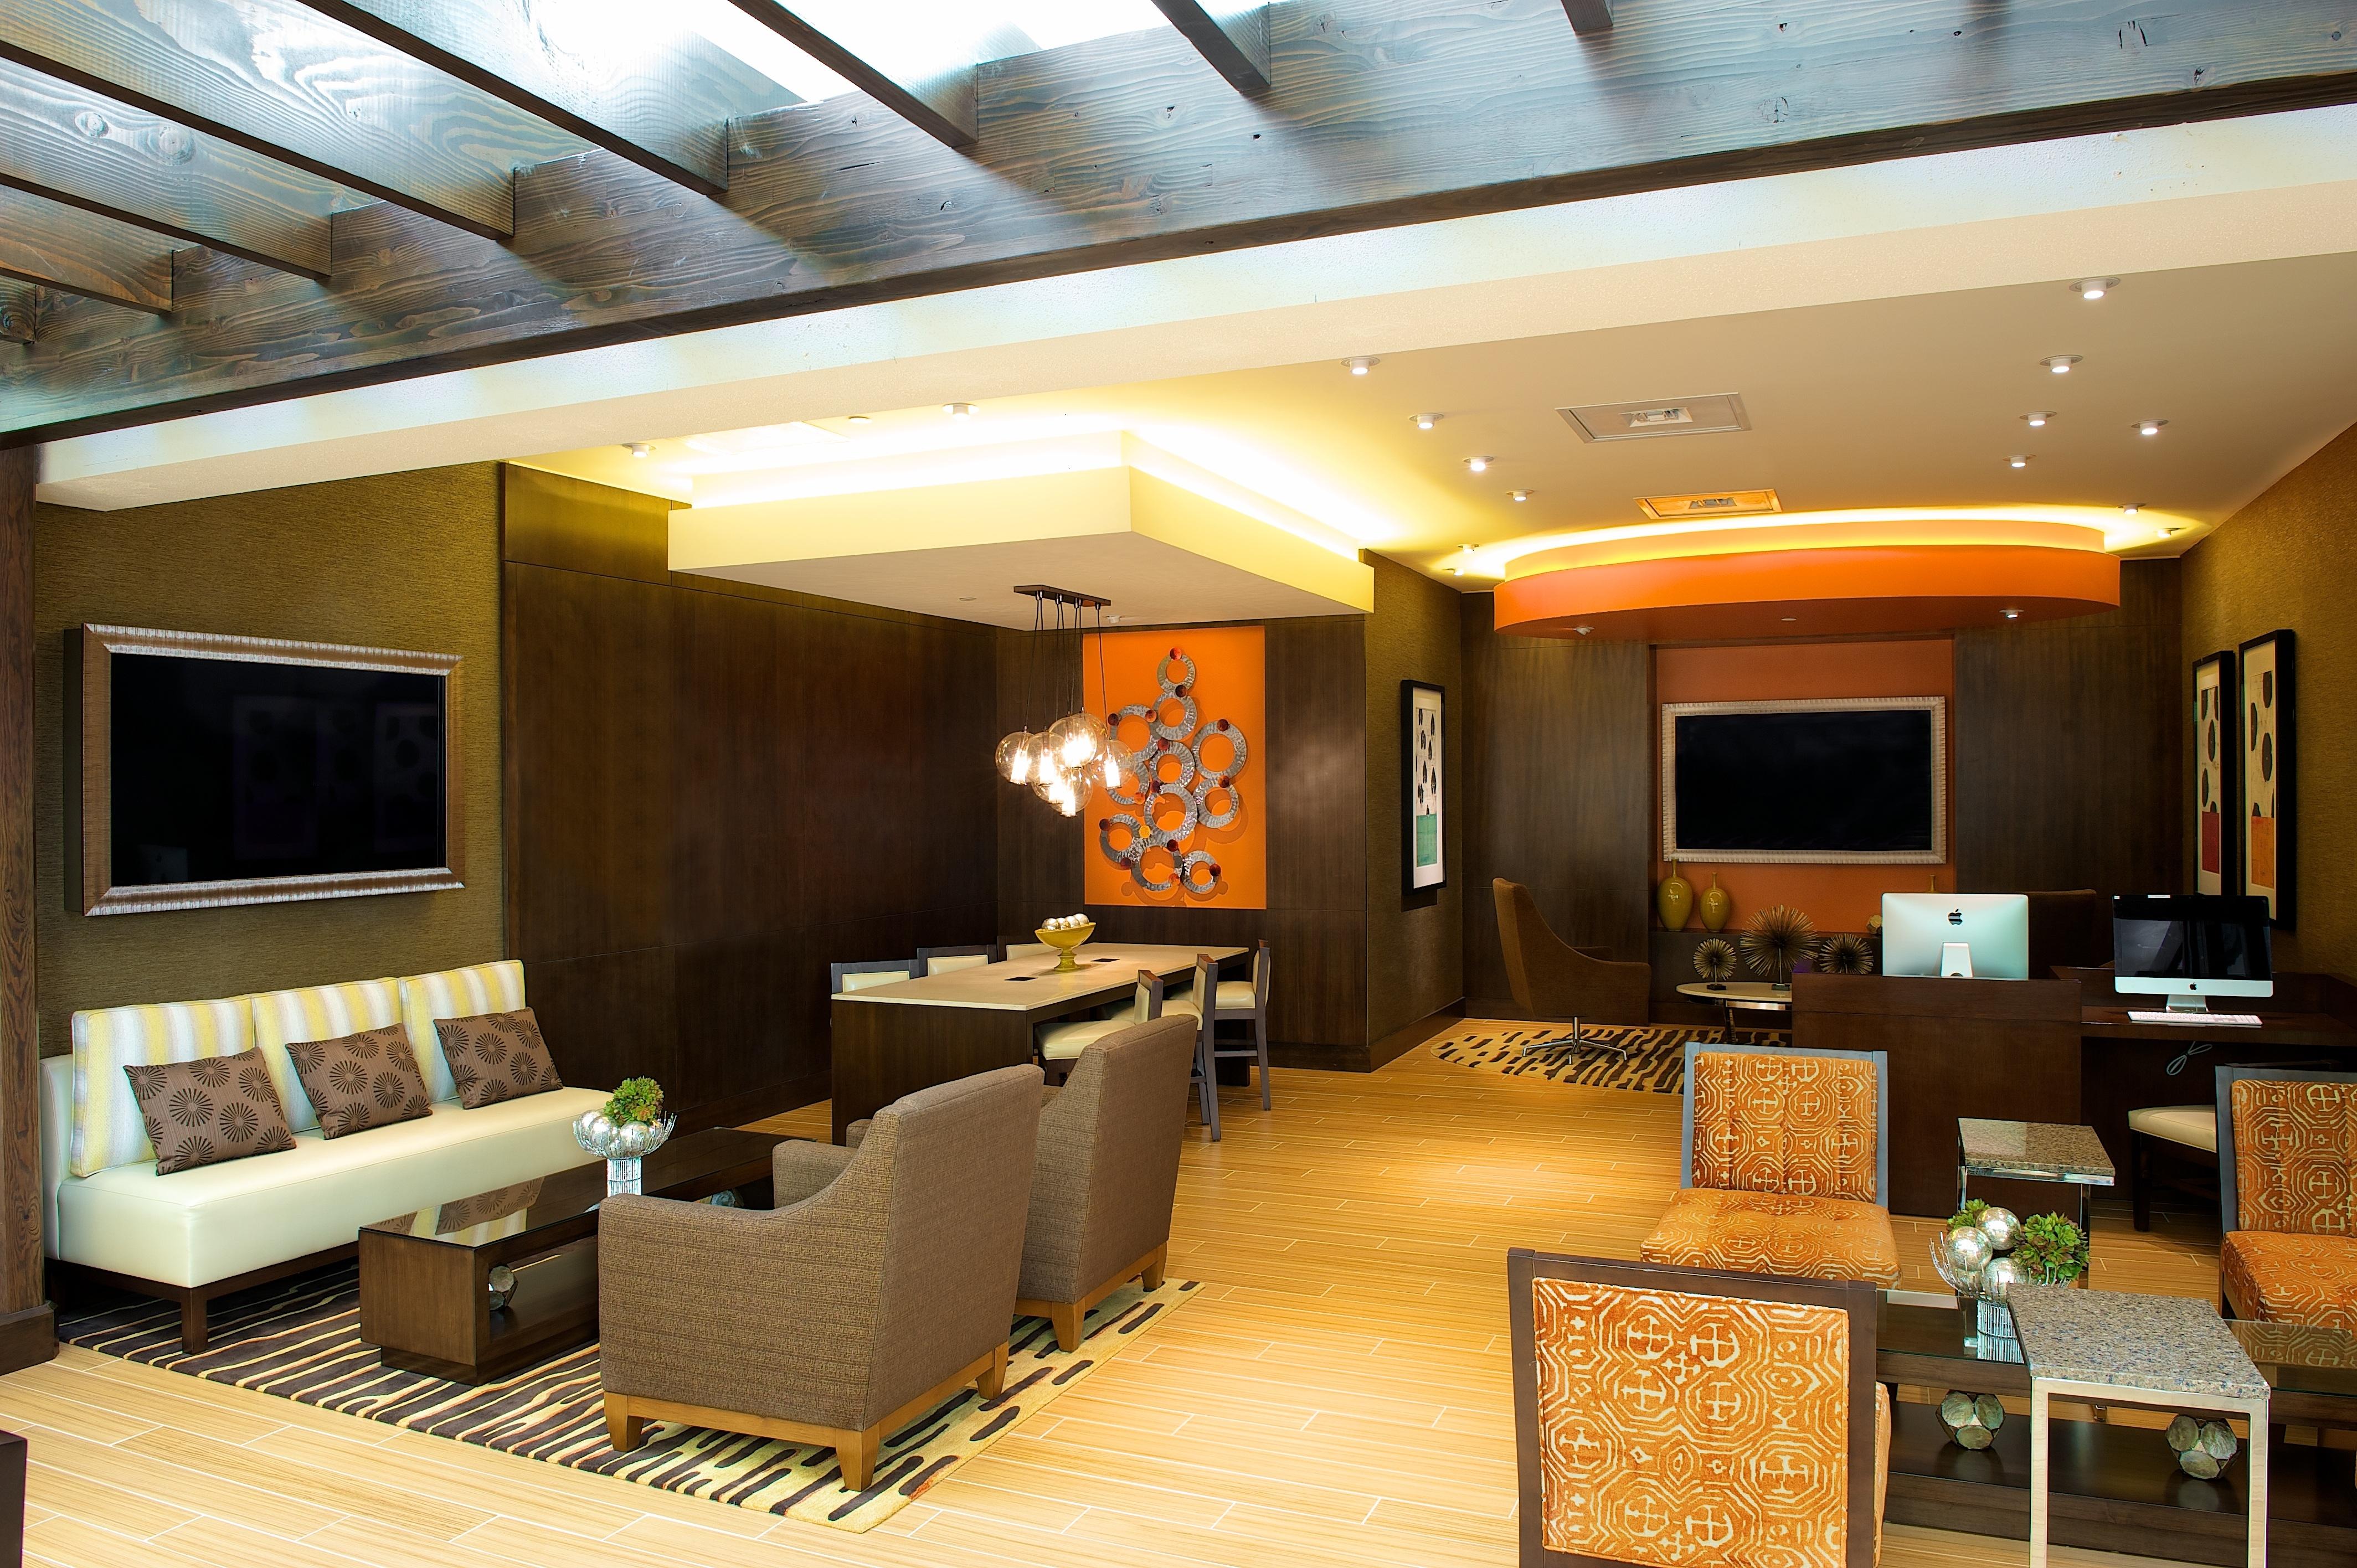 hilton orange county costa mesa in costa mesa ca 714 540 7. Black Bedroom Furniture Sets. Home Design Ideas